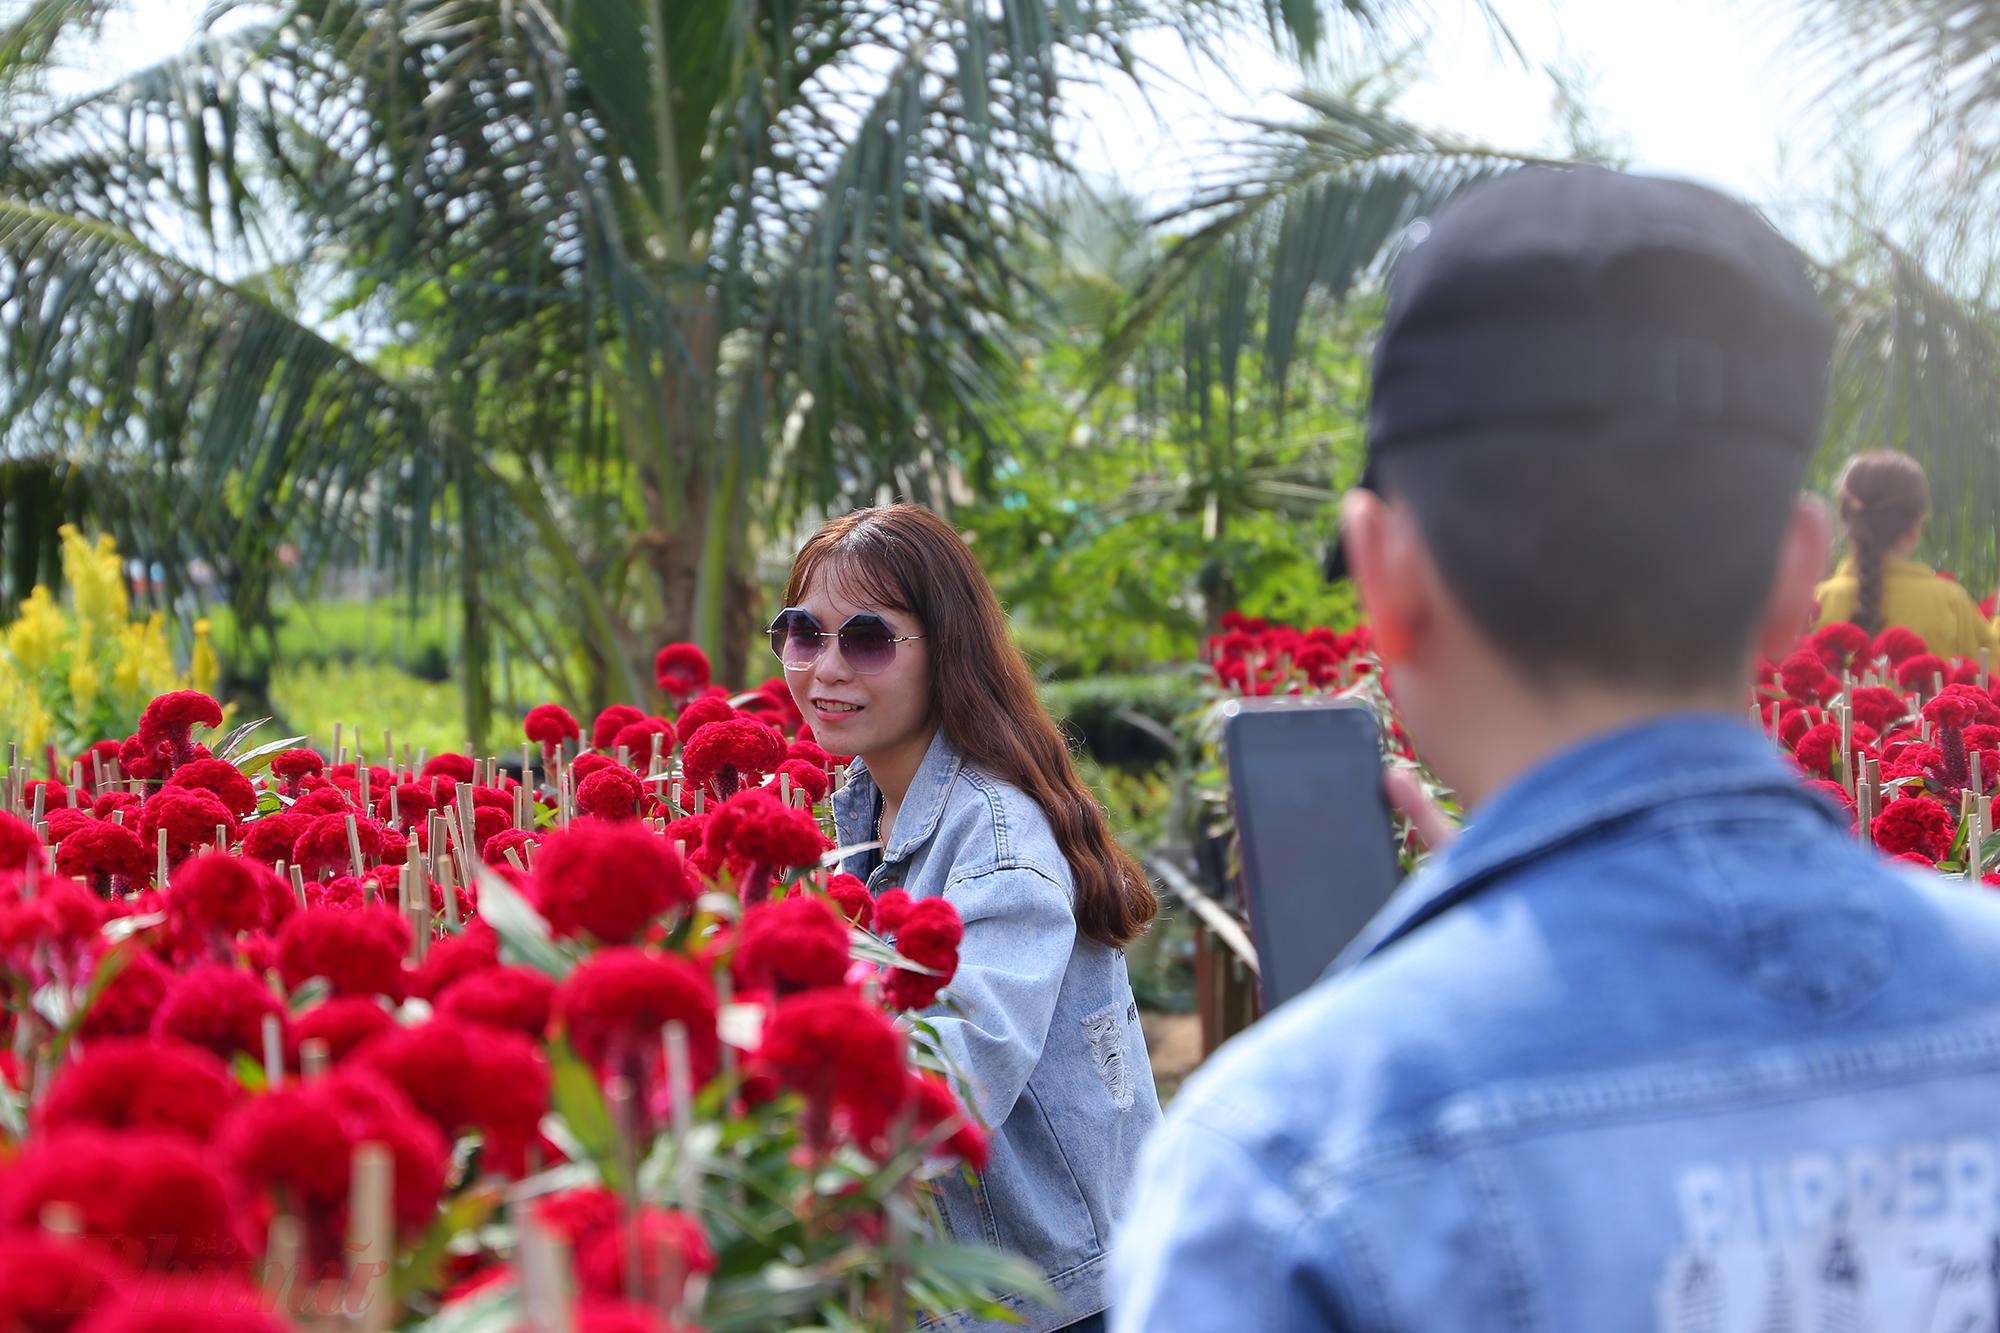 Làng hoa trở thành điểm hẹn hò lý tưởng cho các cặp đôi.